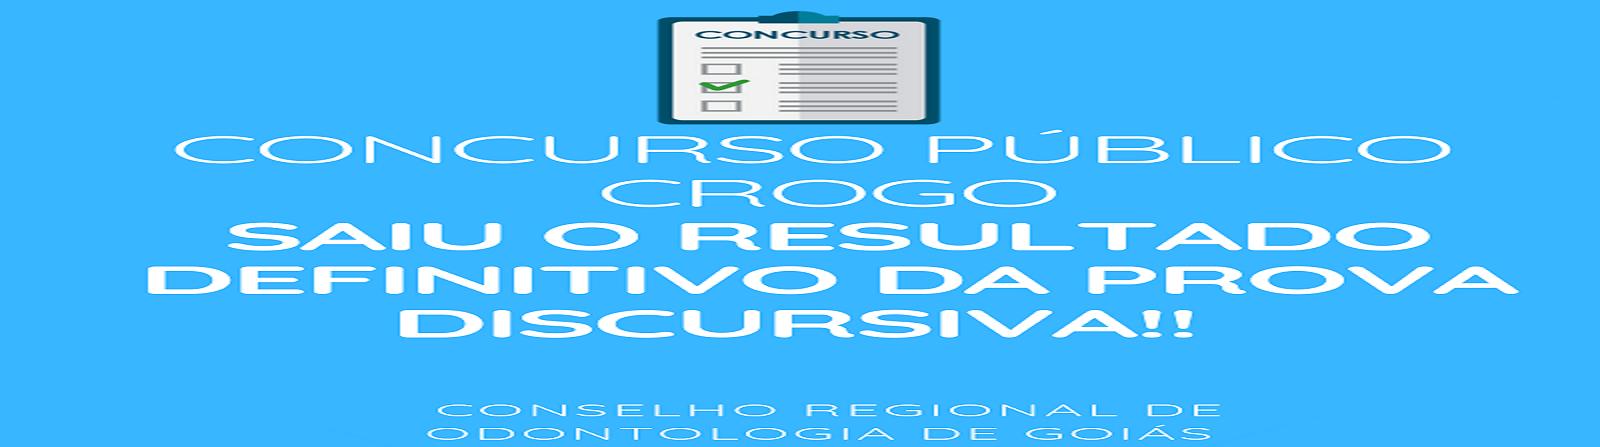 Resultado_Definitivo_Prova_Discursiva_-_1600_x_447